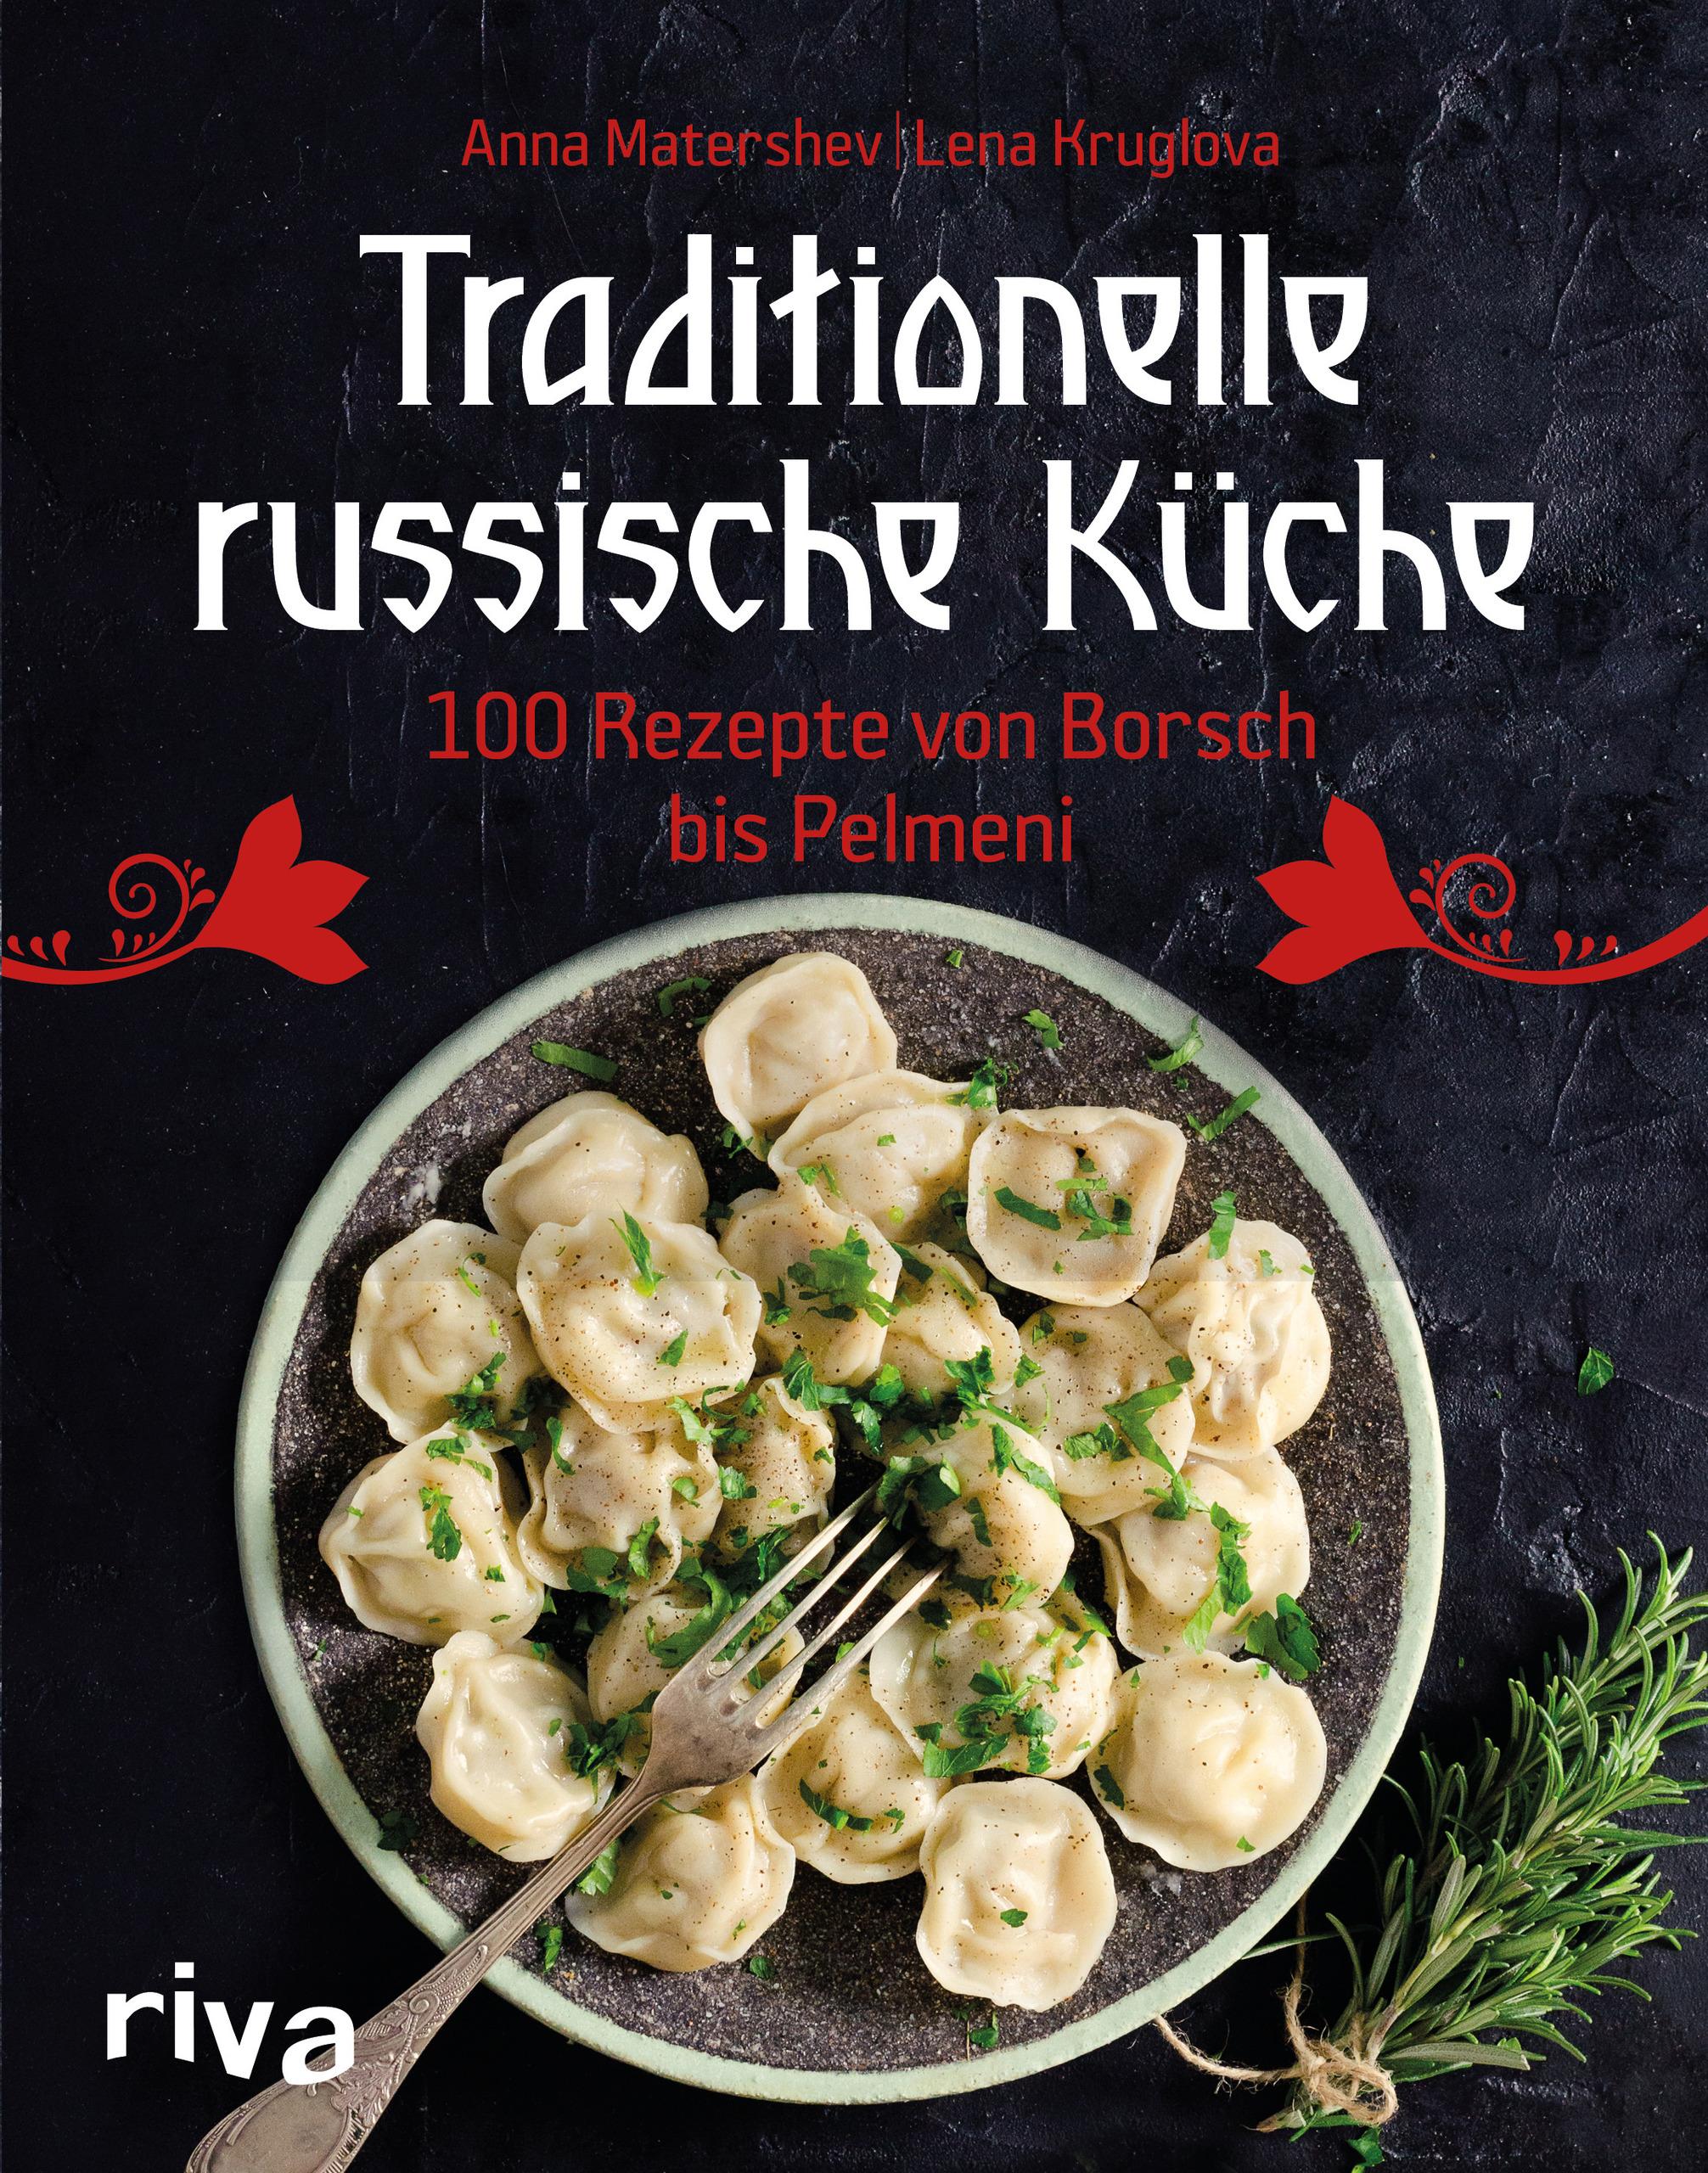 Traditionelle russische Küche